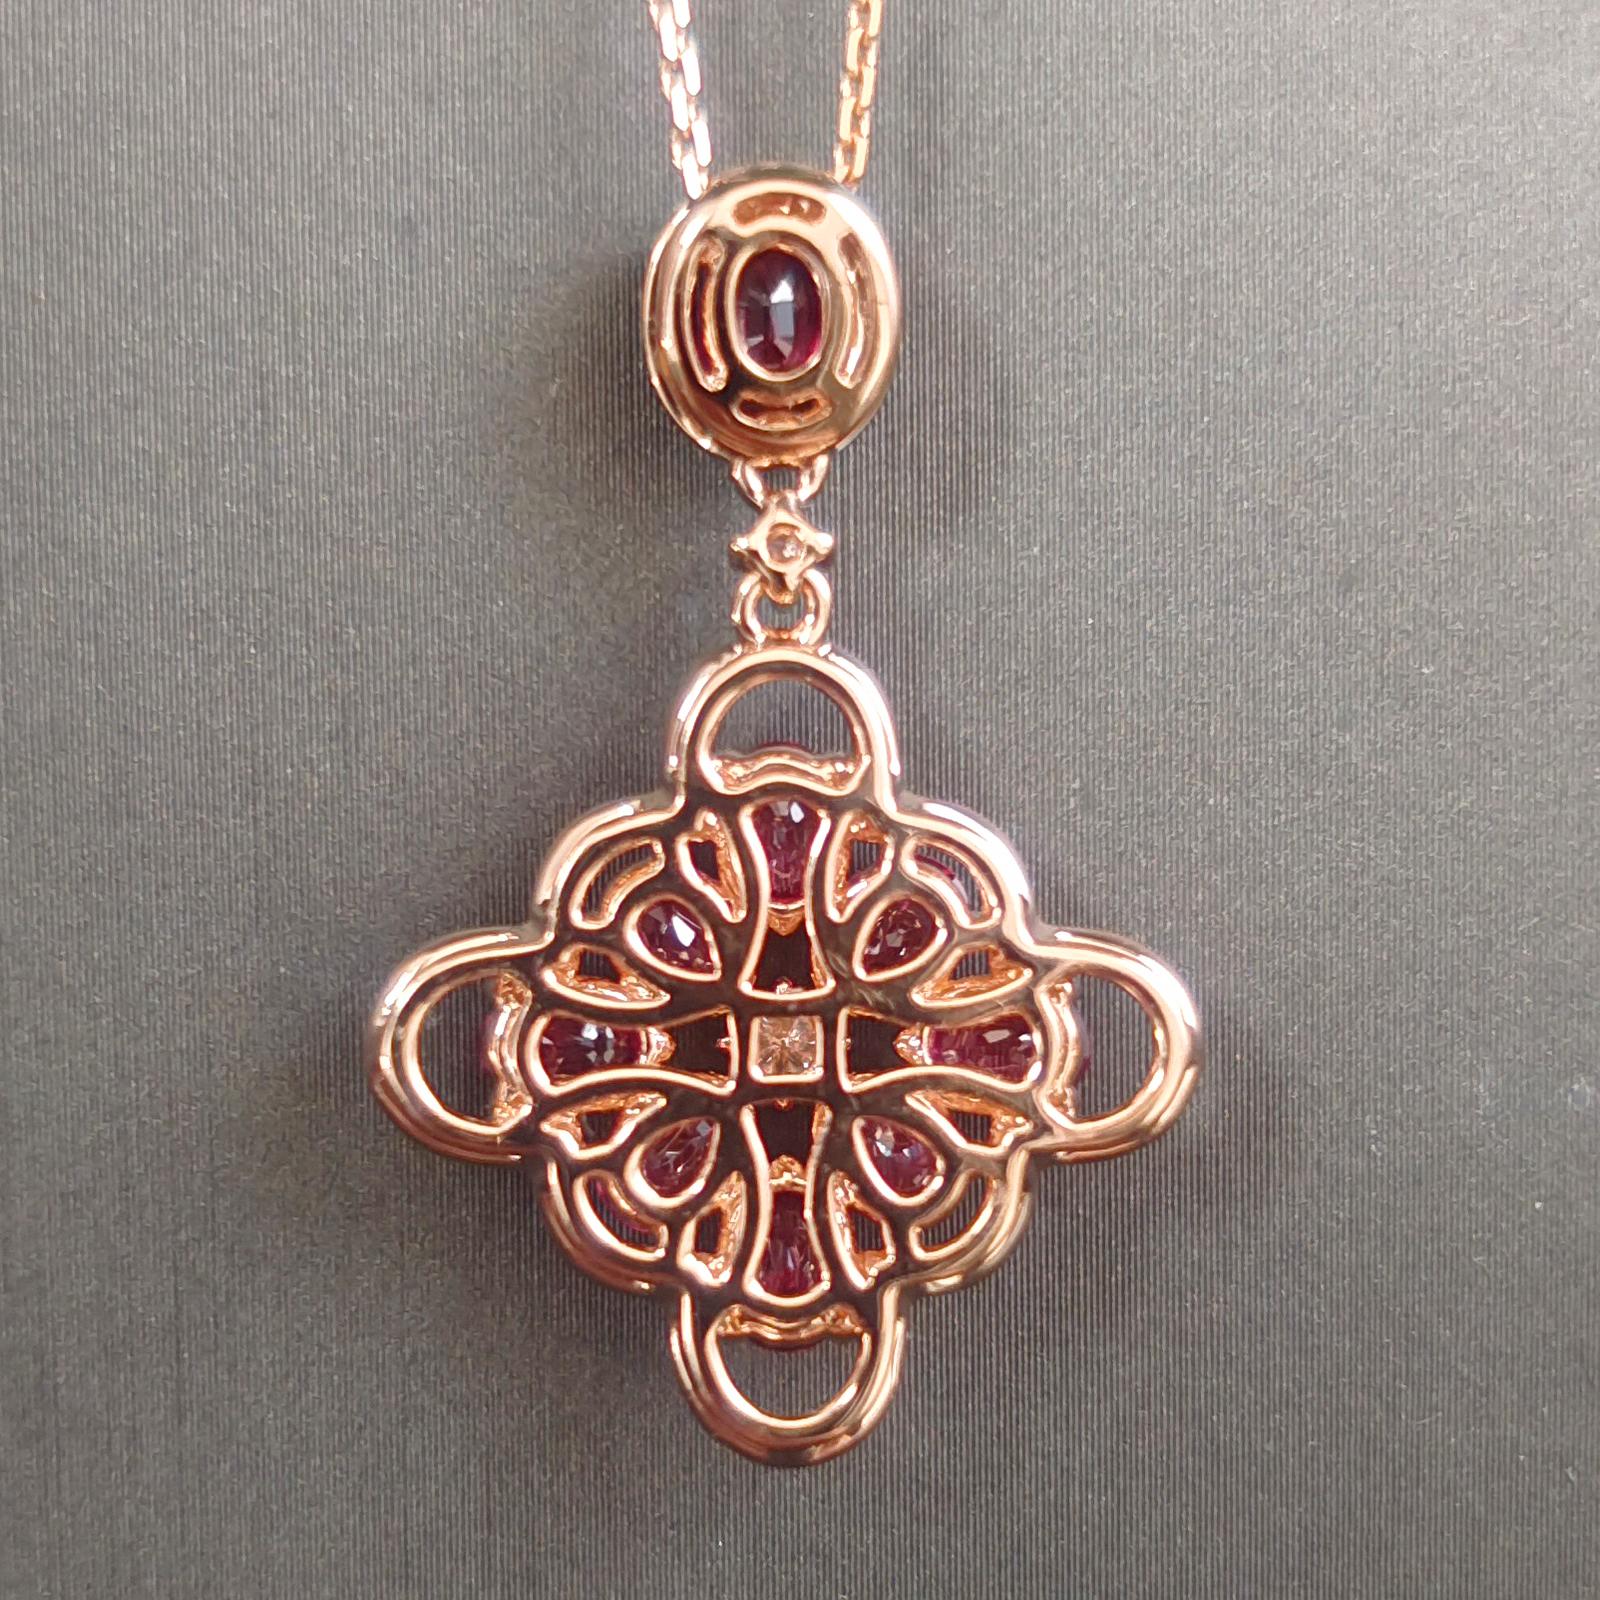 【【吊坠】18K金+红宝石+钻石 宝石颜色纯正 主石:2.52ct/9P 货重:4.61g】图5